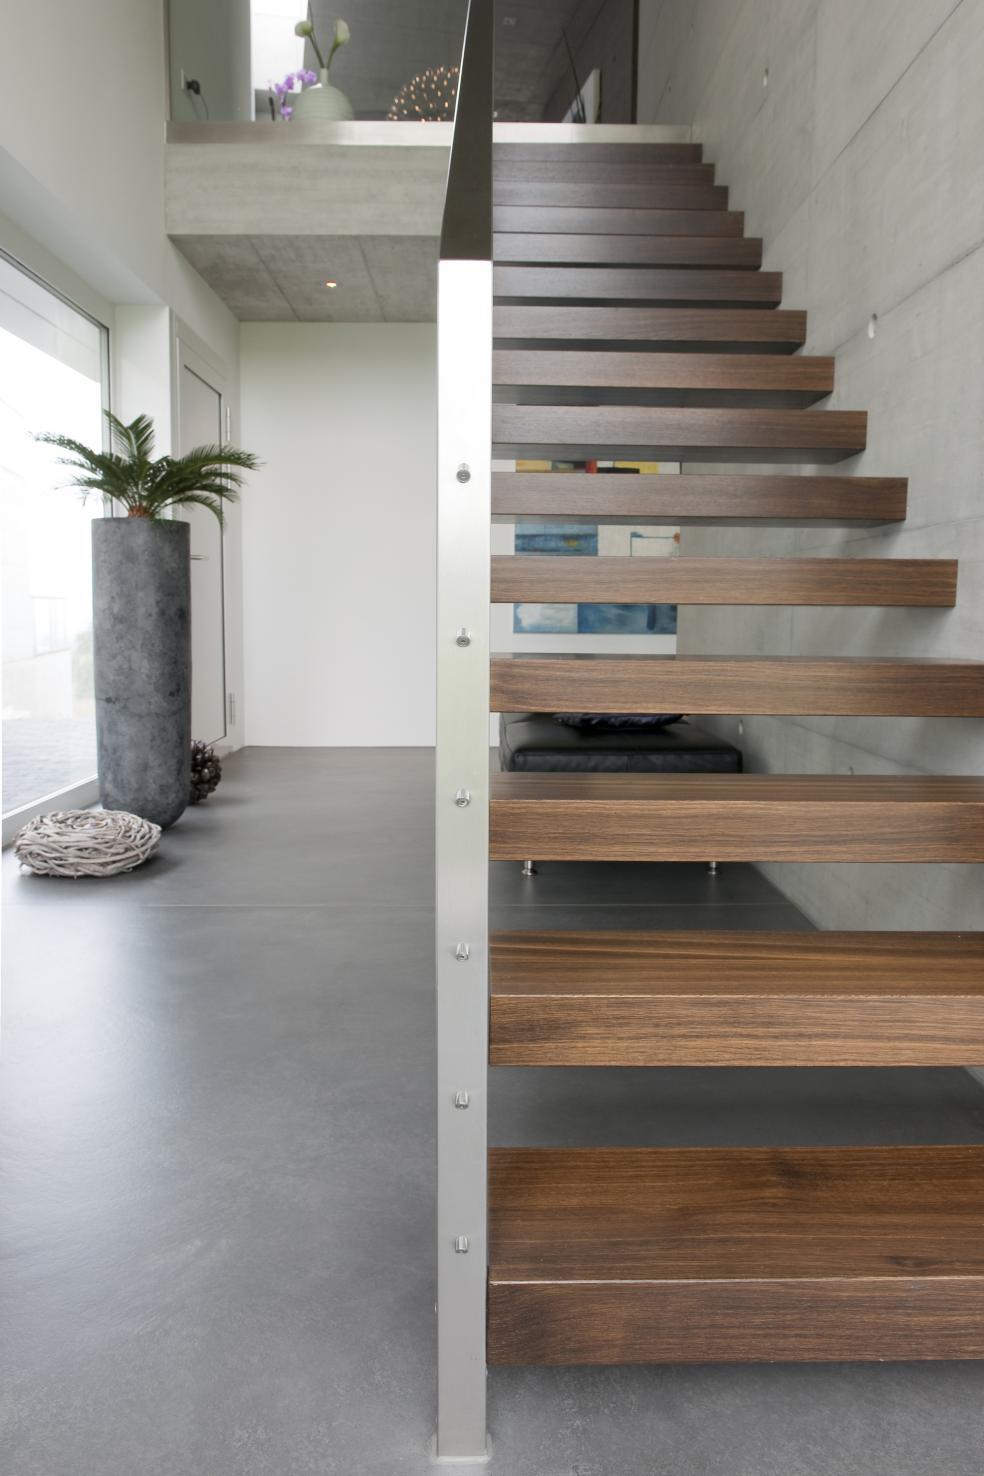 Fugenloser Bodenbelag kombiniert mit Holztreppe